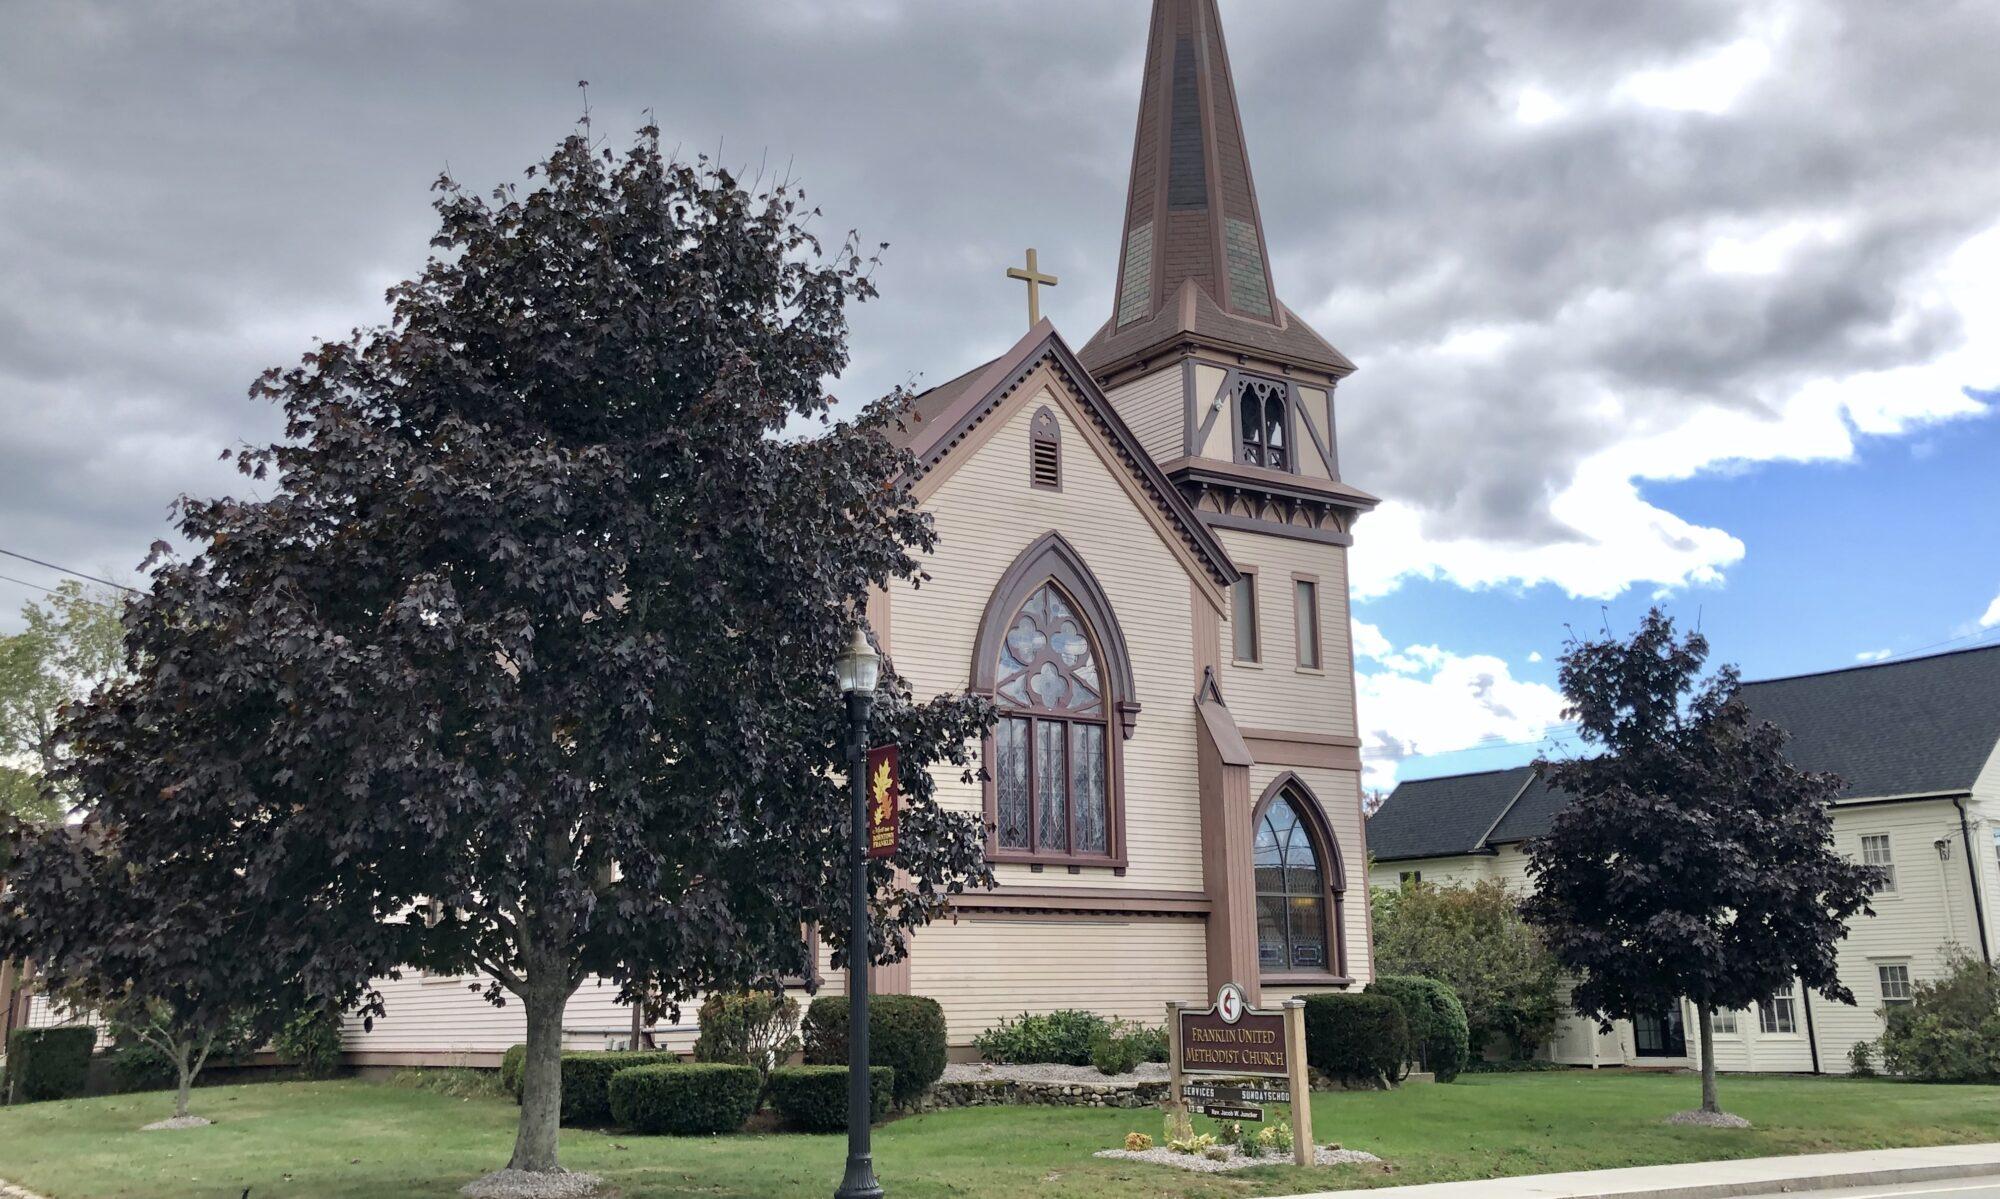 Franklin United Methodist Church